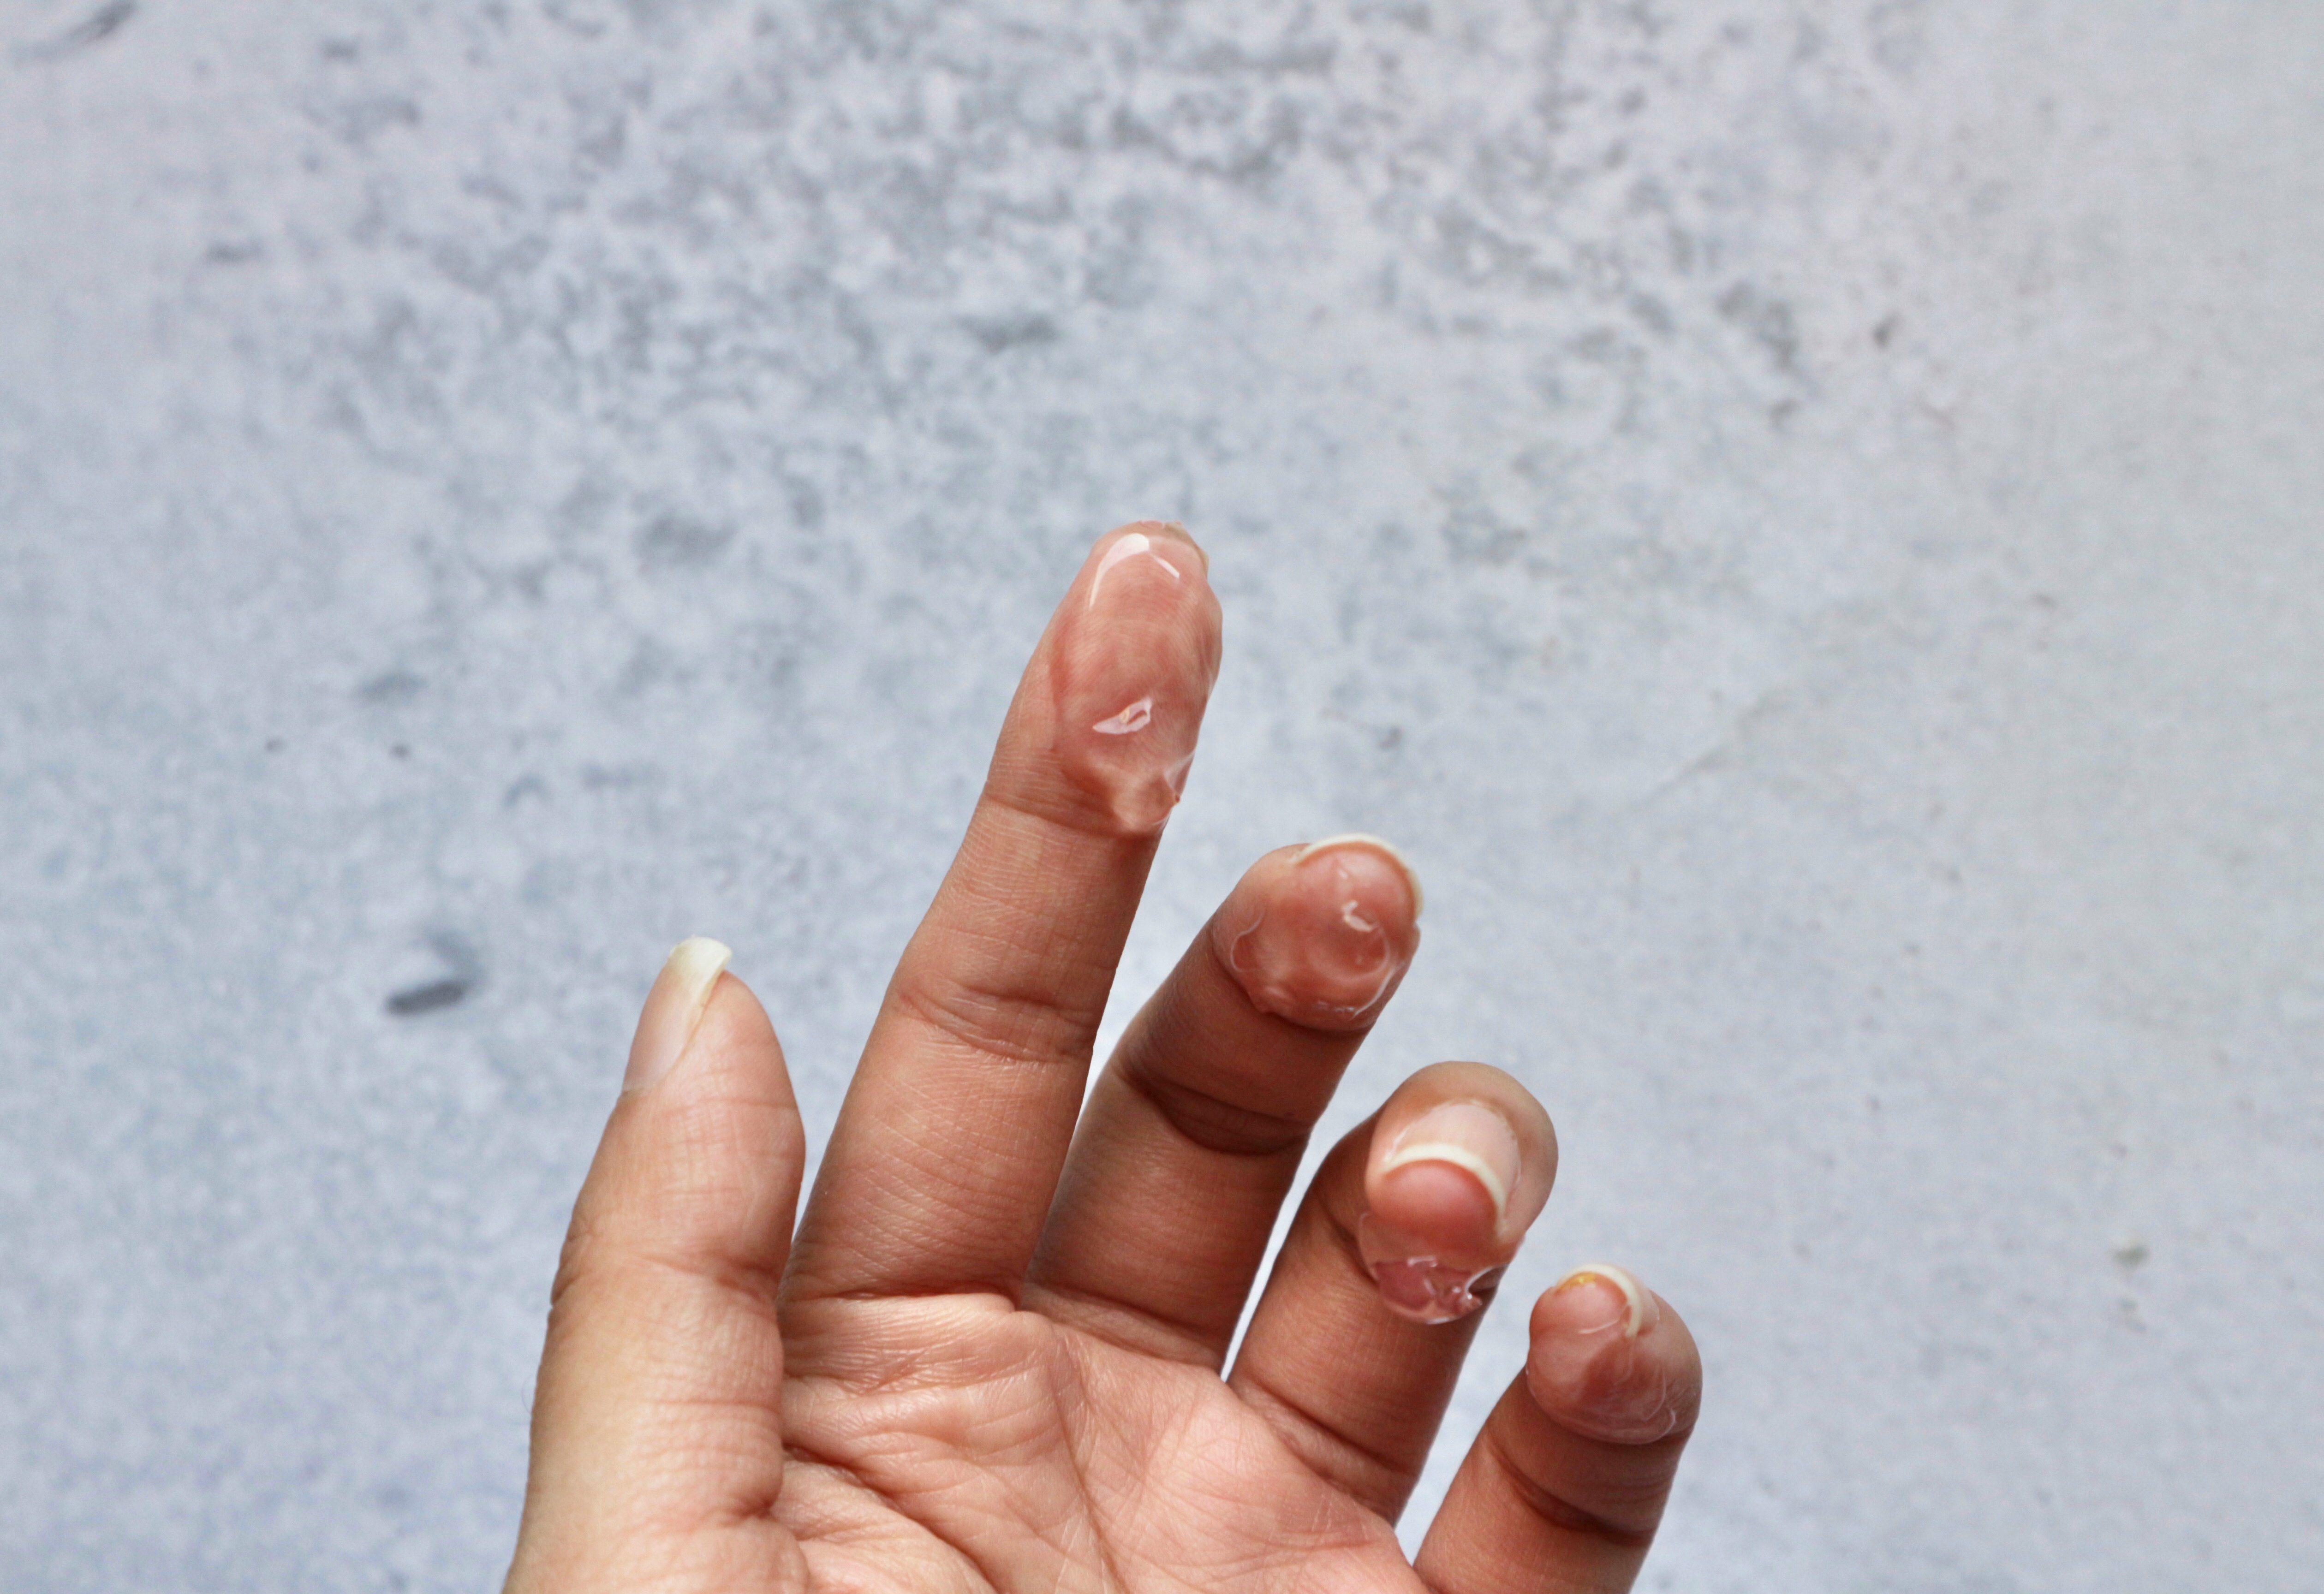 Cream gel on finger, hand in white background